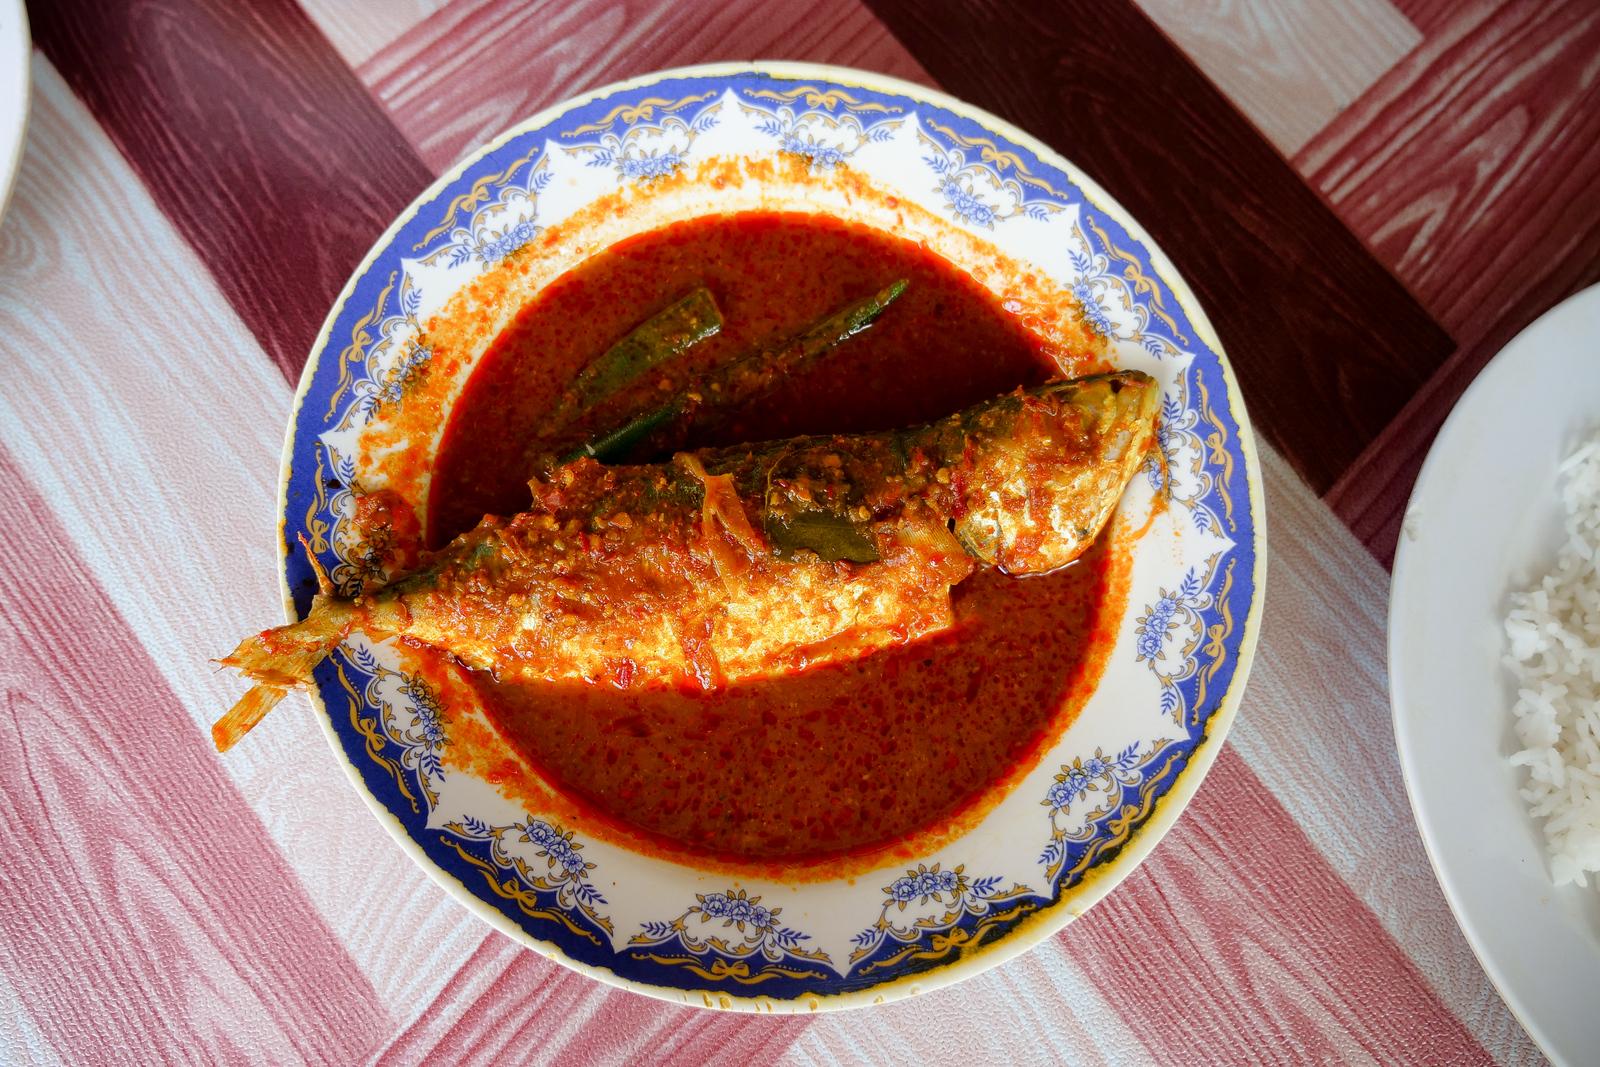 Best Restaurants in Melaka - Asam Pedas Pak Man